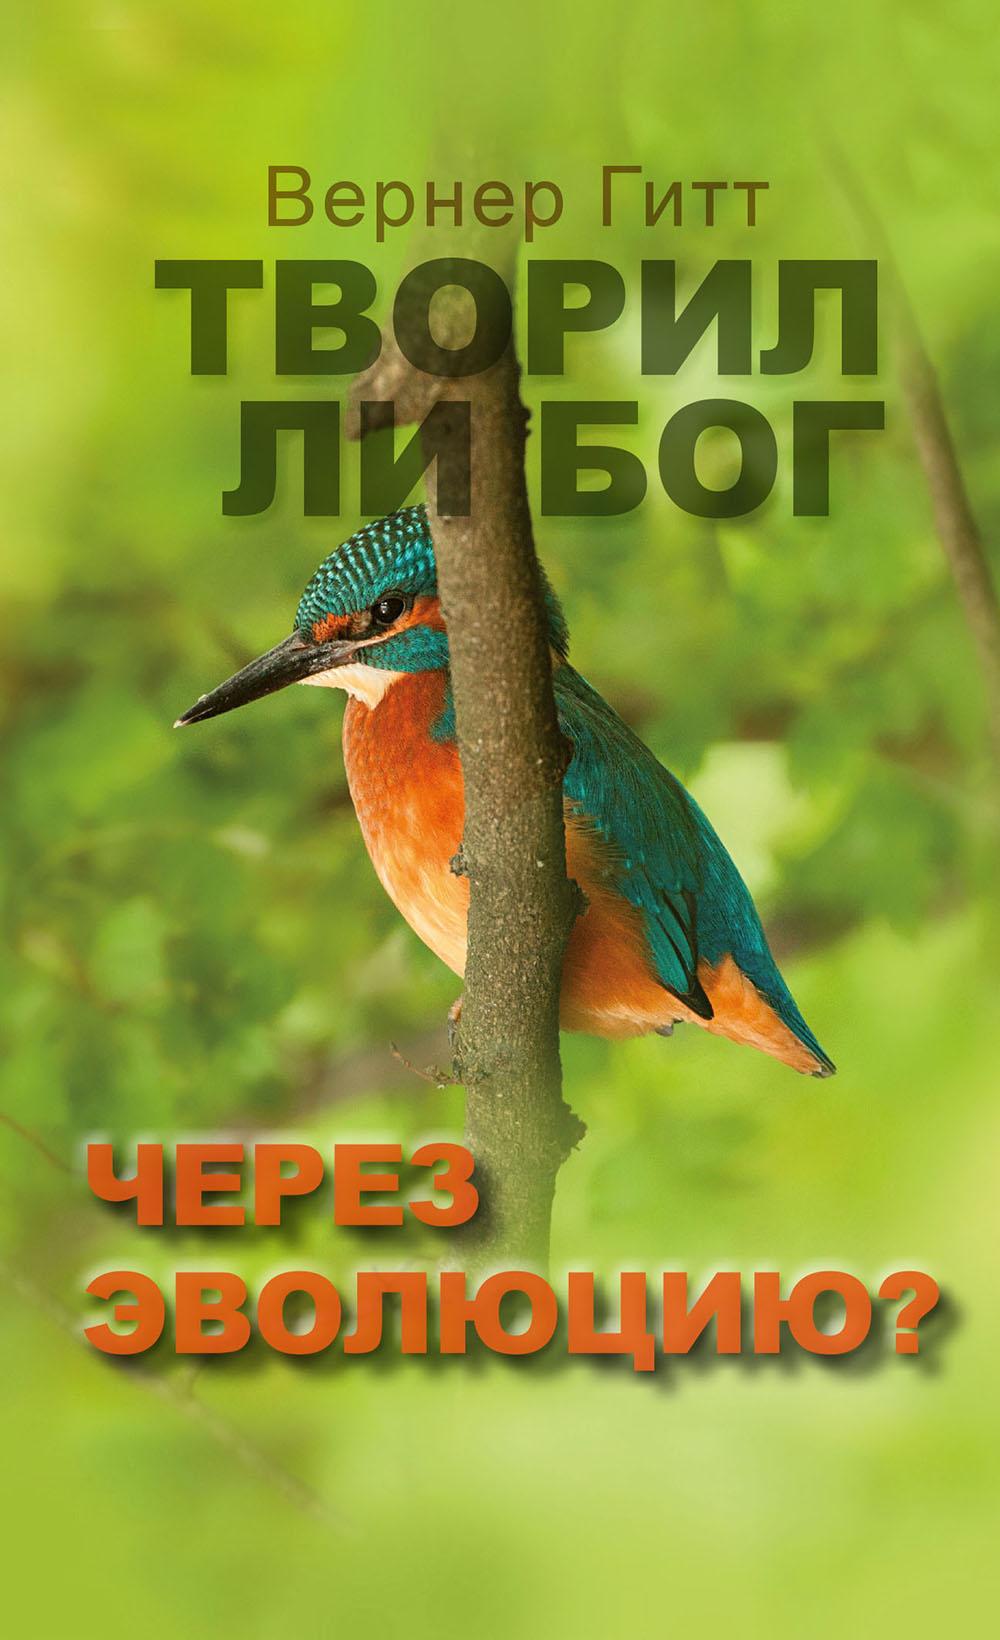 CLV_schuf-gott-durch-evolution-russisch_werner-gitt_255714_1